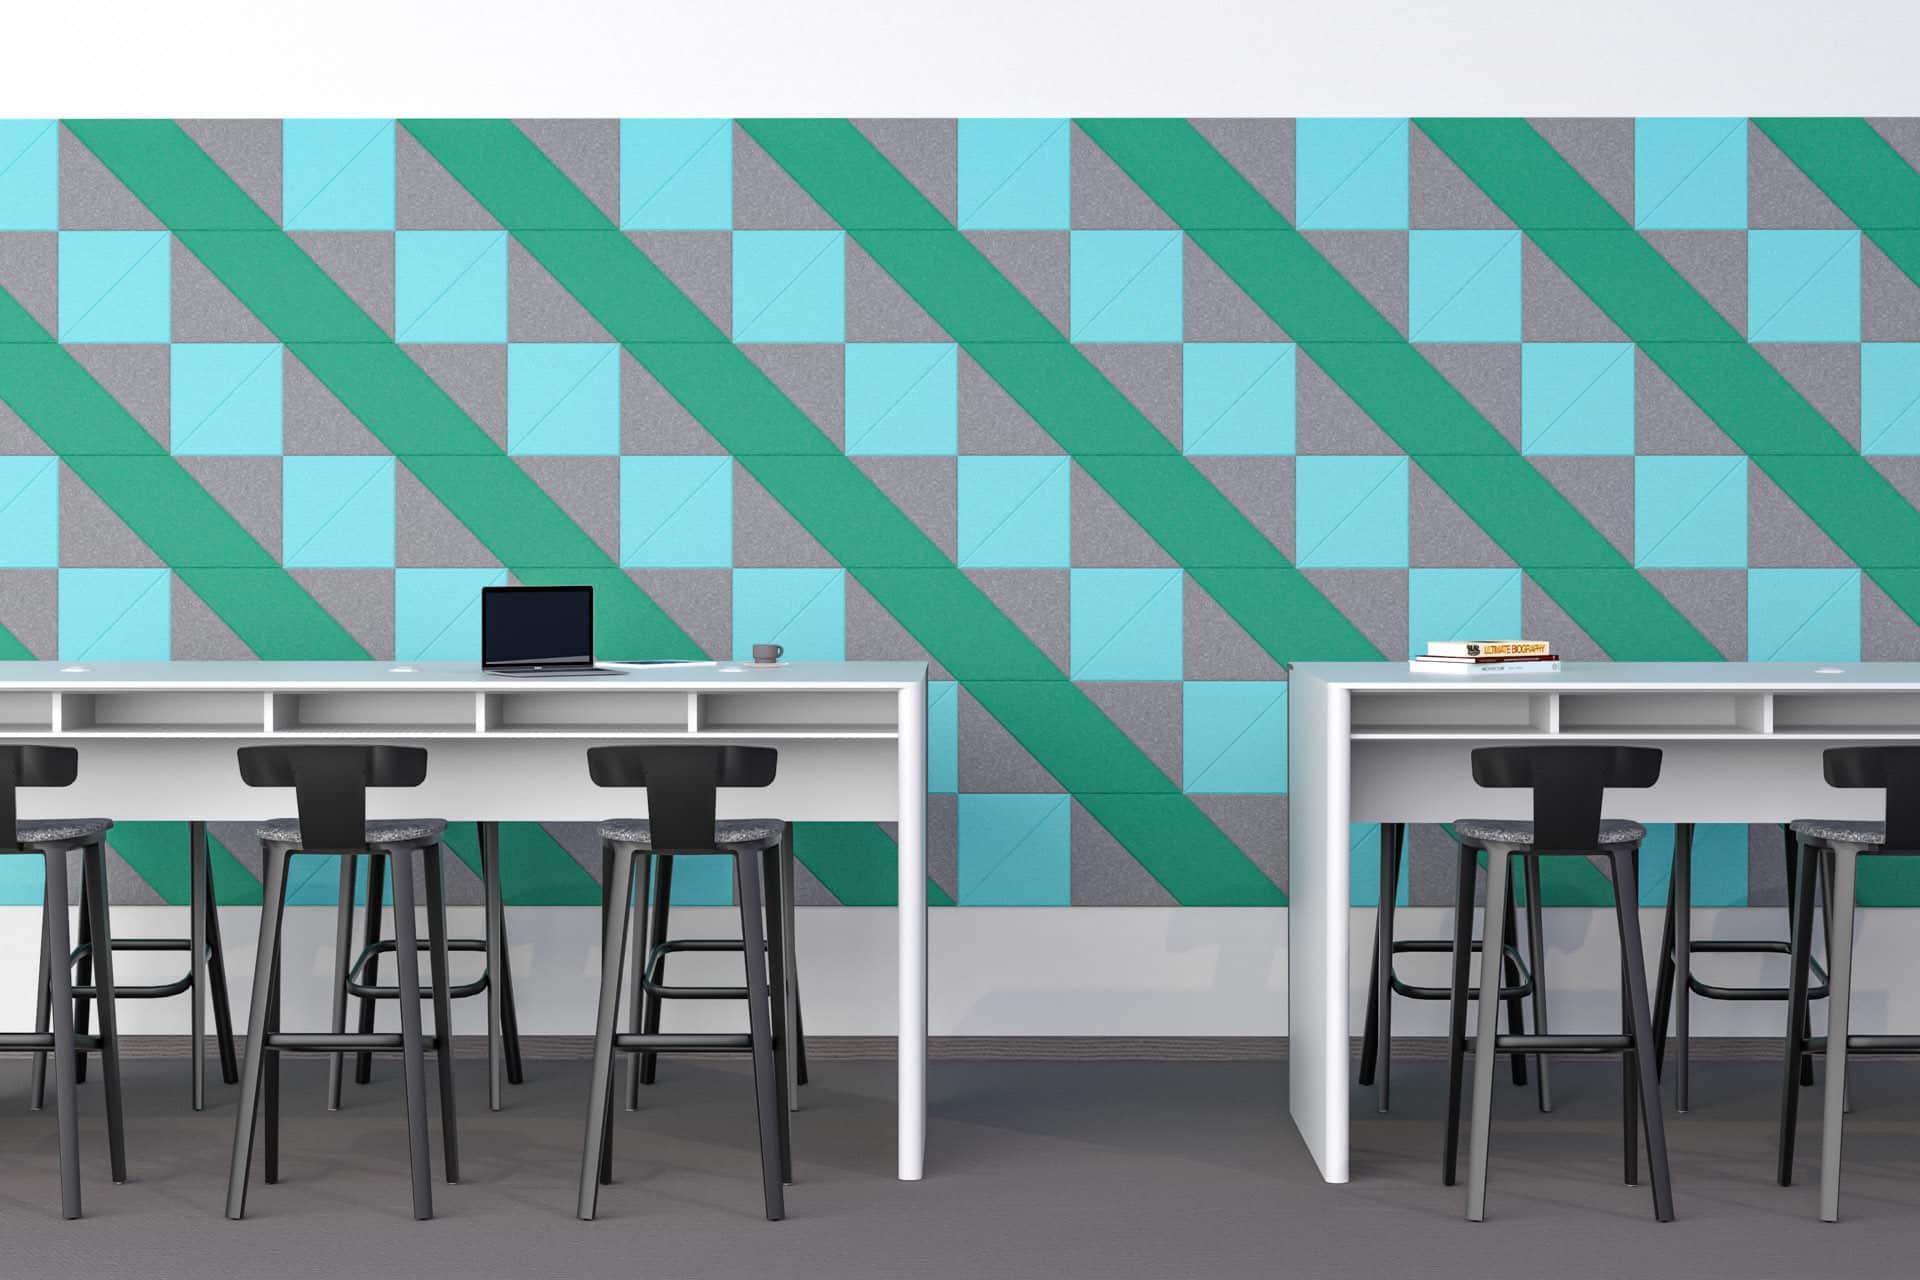 Panele dekoracyjne dźwiękochłonne w kształcie rombów i trójkątów na ścianie w przestrzeni biurowej